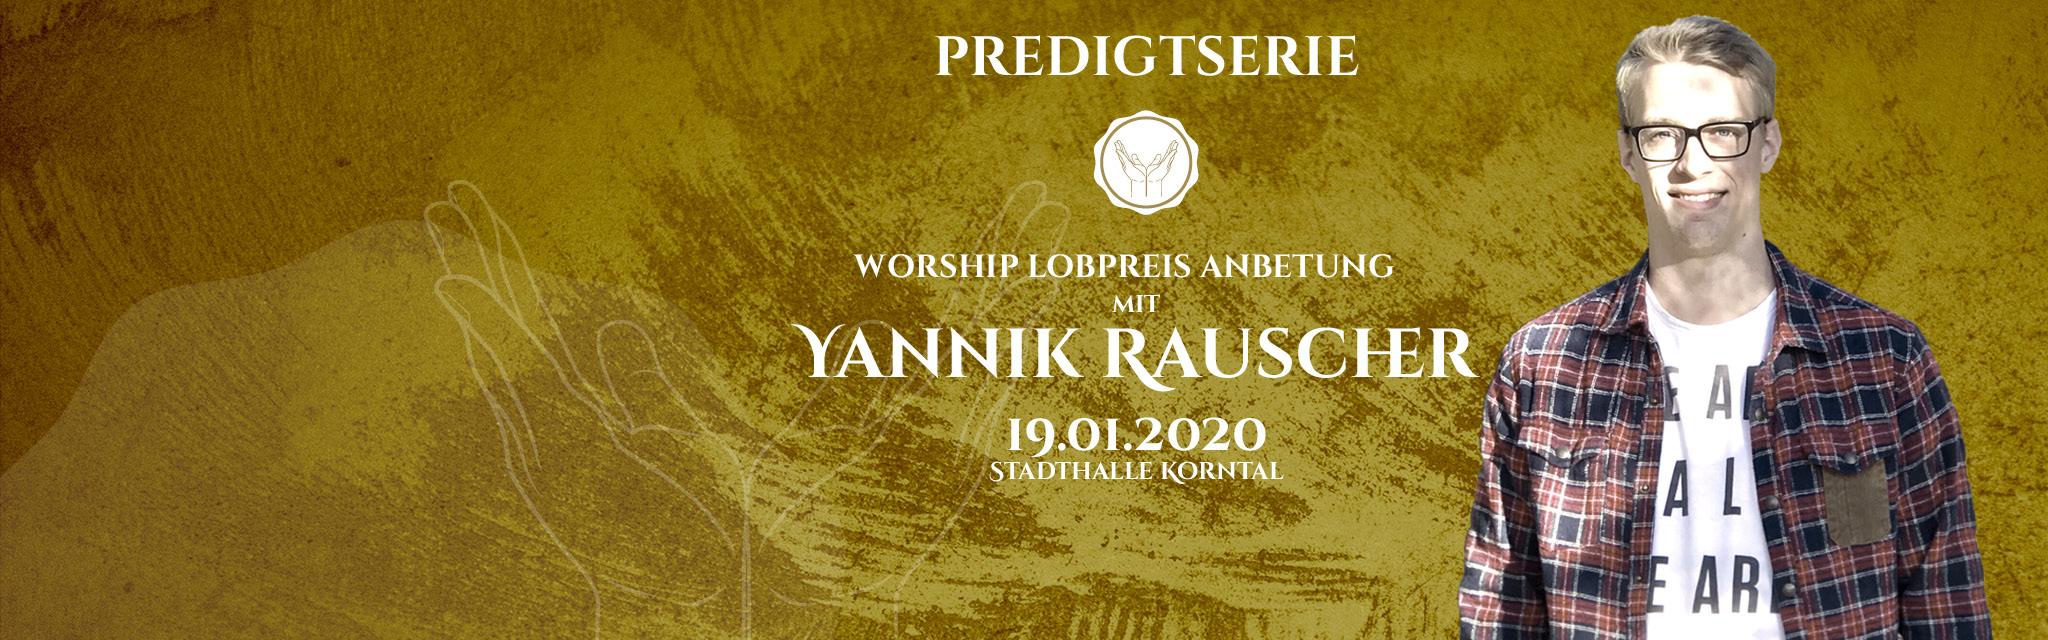 GD Serie Worship Yannik